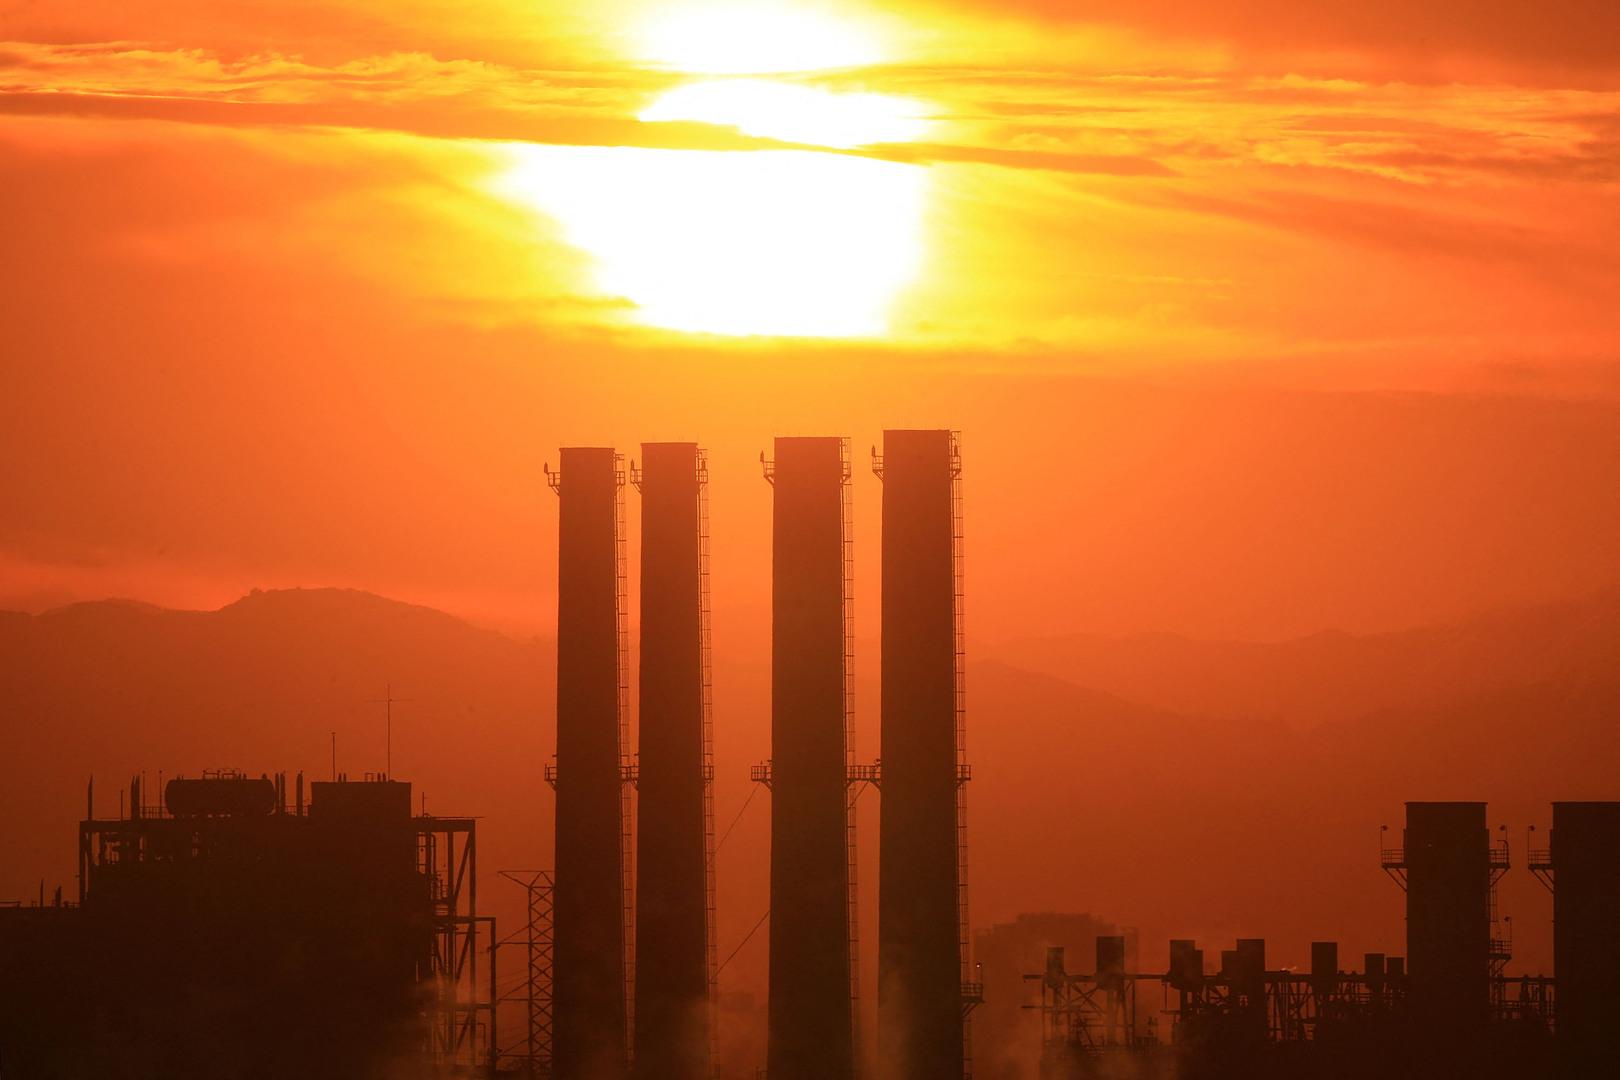 دراسة بيئية: عدد قليل من المدن مسؤول عن انبعاثات غازات الاحتباس الحراري